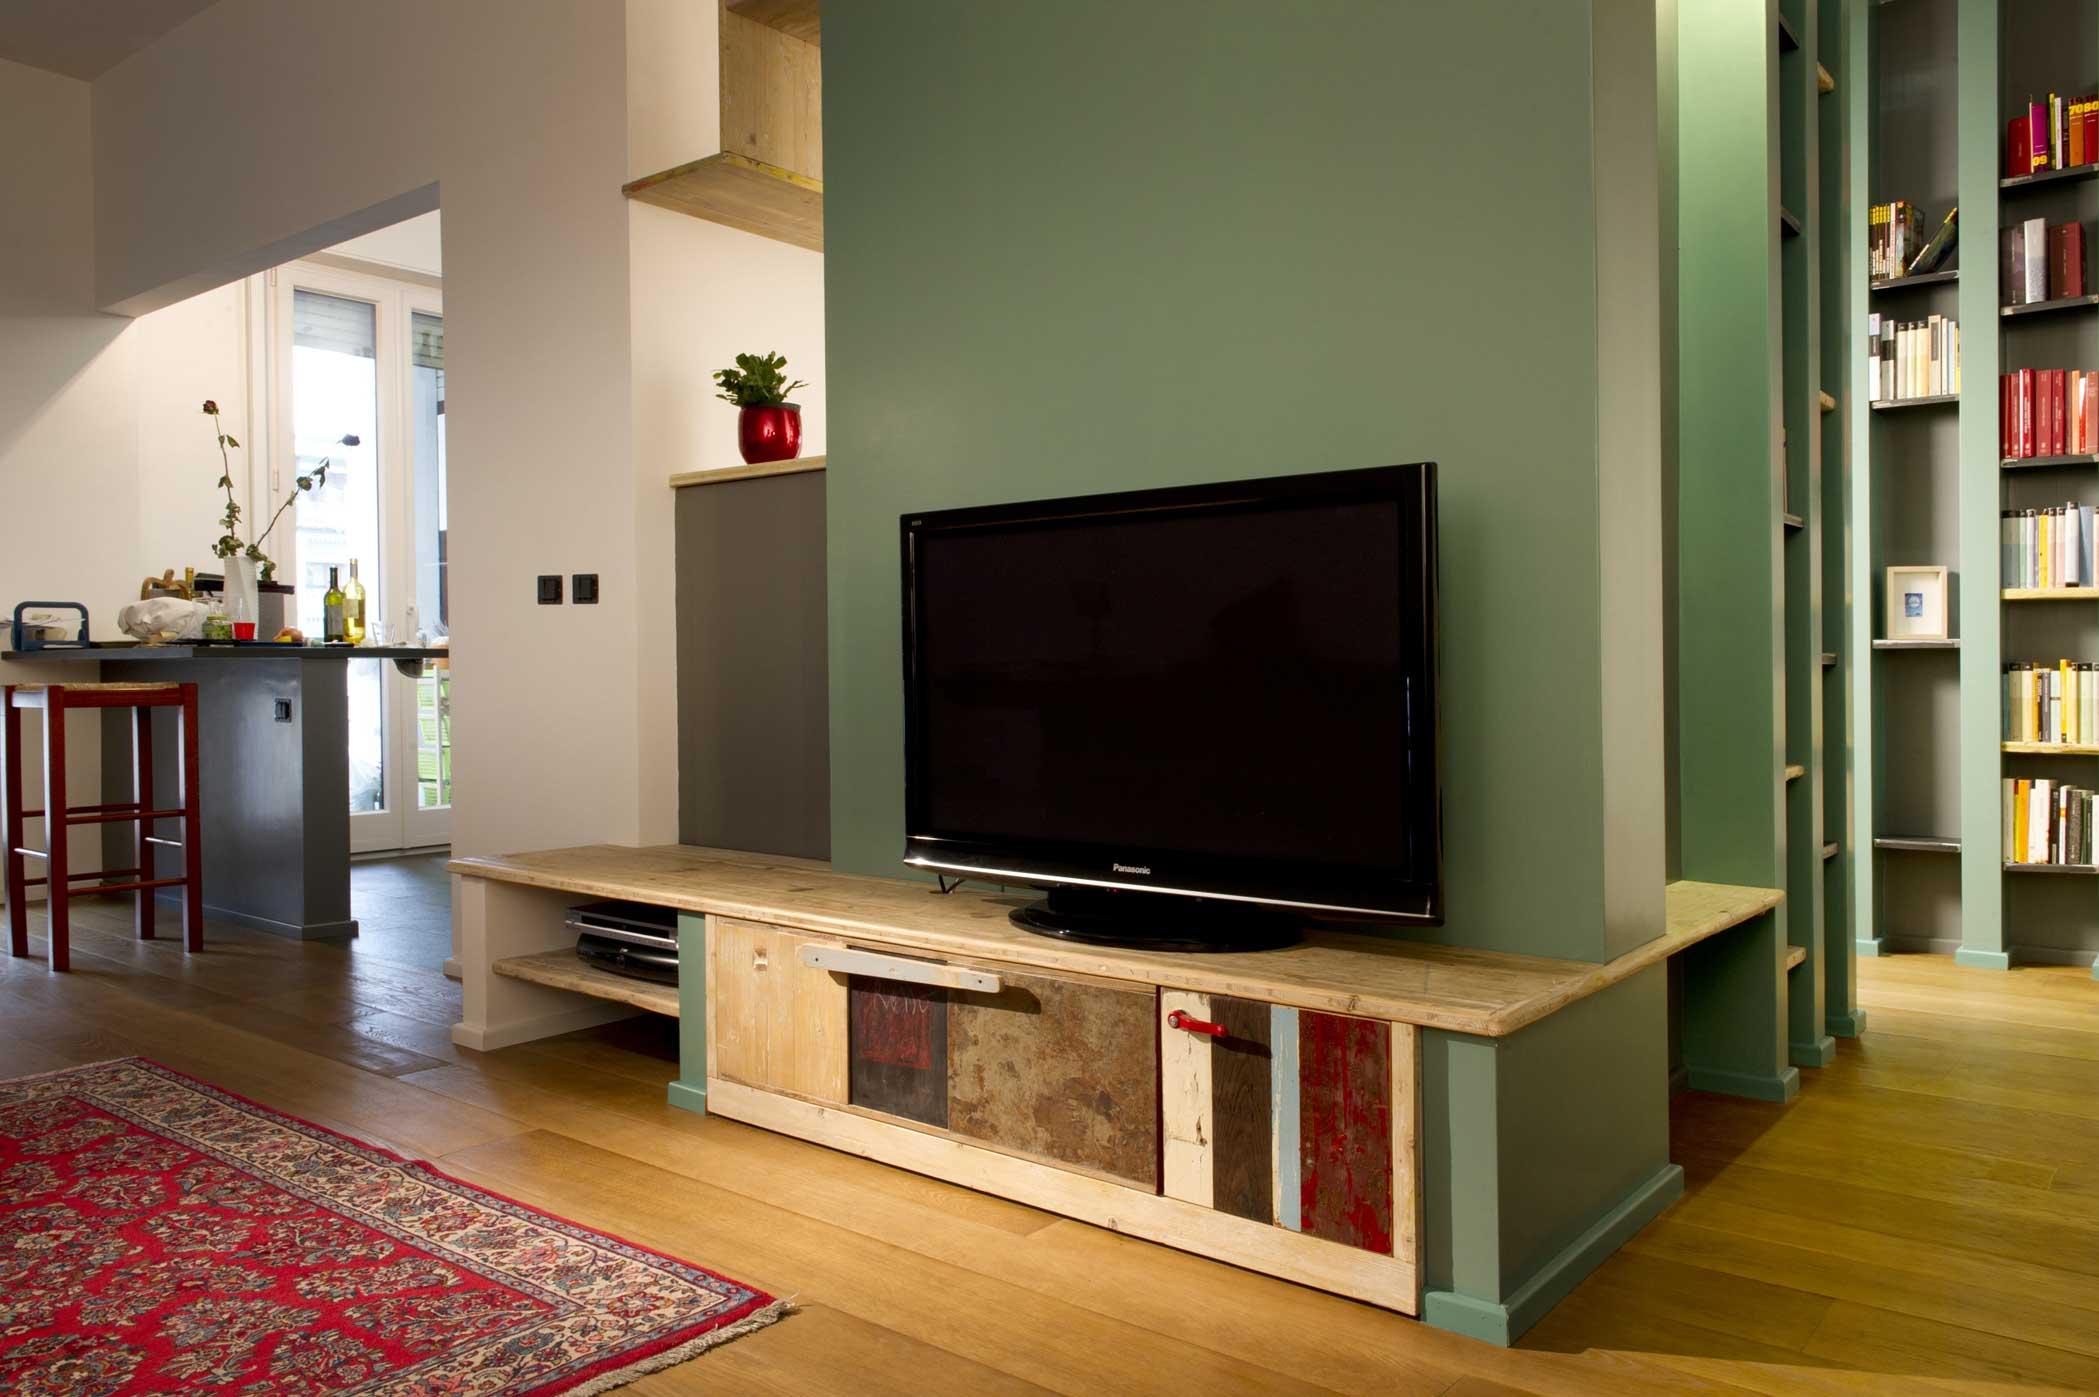 Mobile soggiorno classico in vendita in arredamento e casalinghi: Soggiorno Contemporaneo Arredi Legno Massello E Recupero Laquercia21